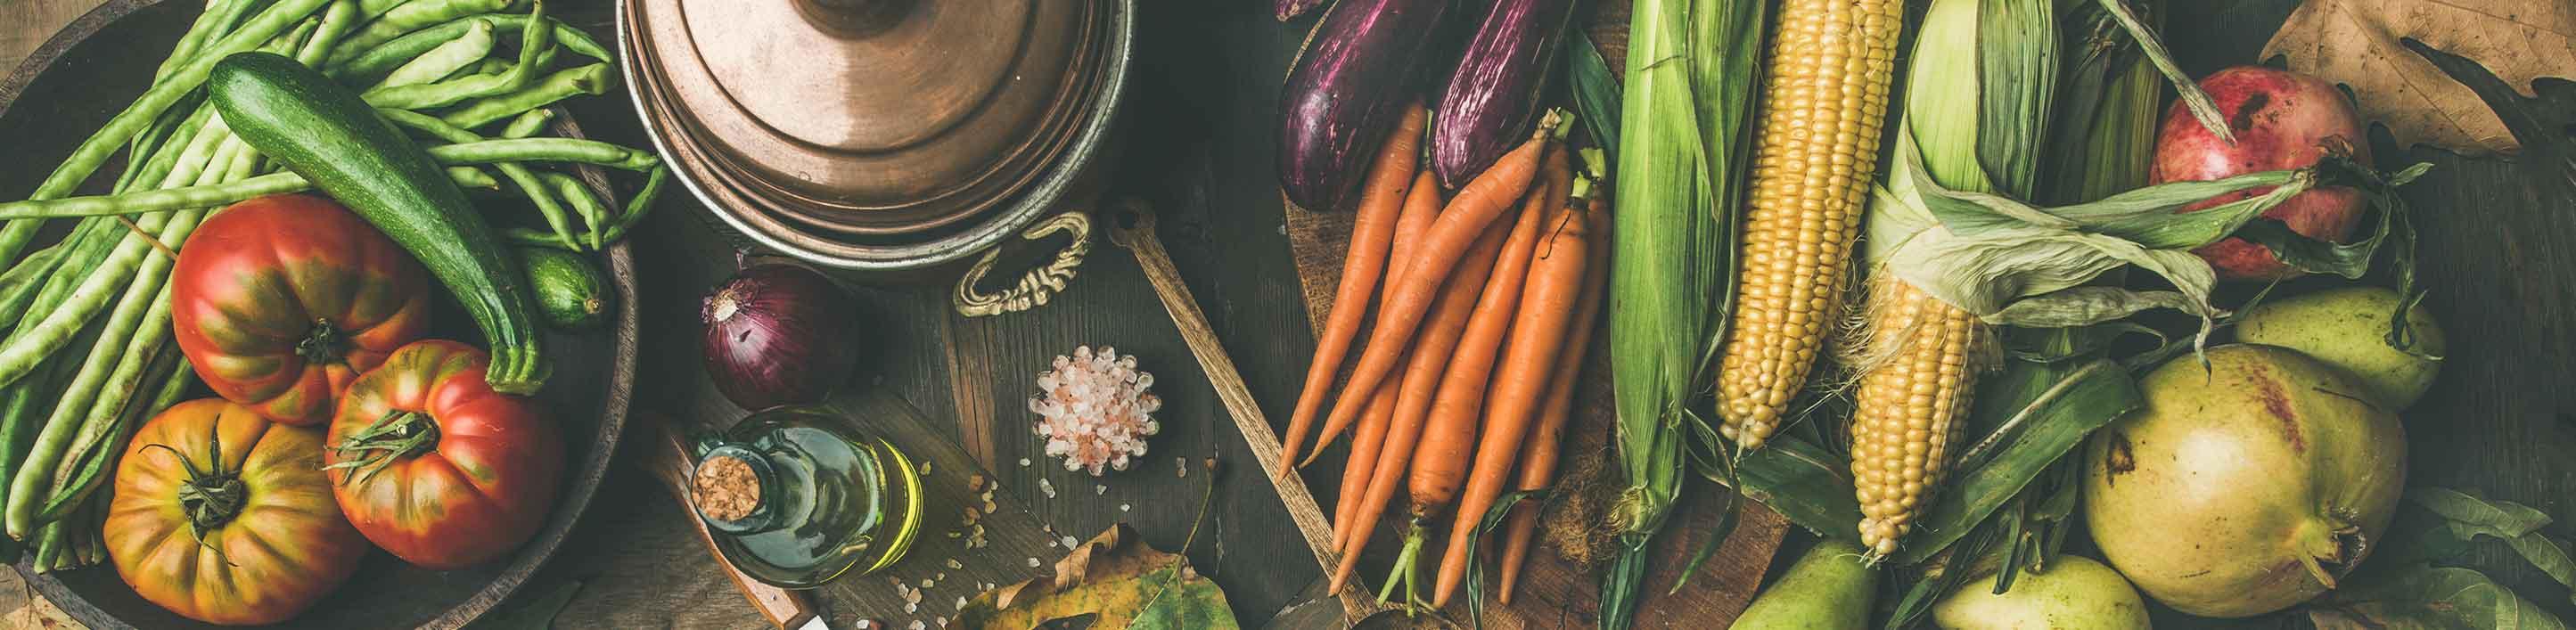 Il biologico contro lo spreco alimentare